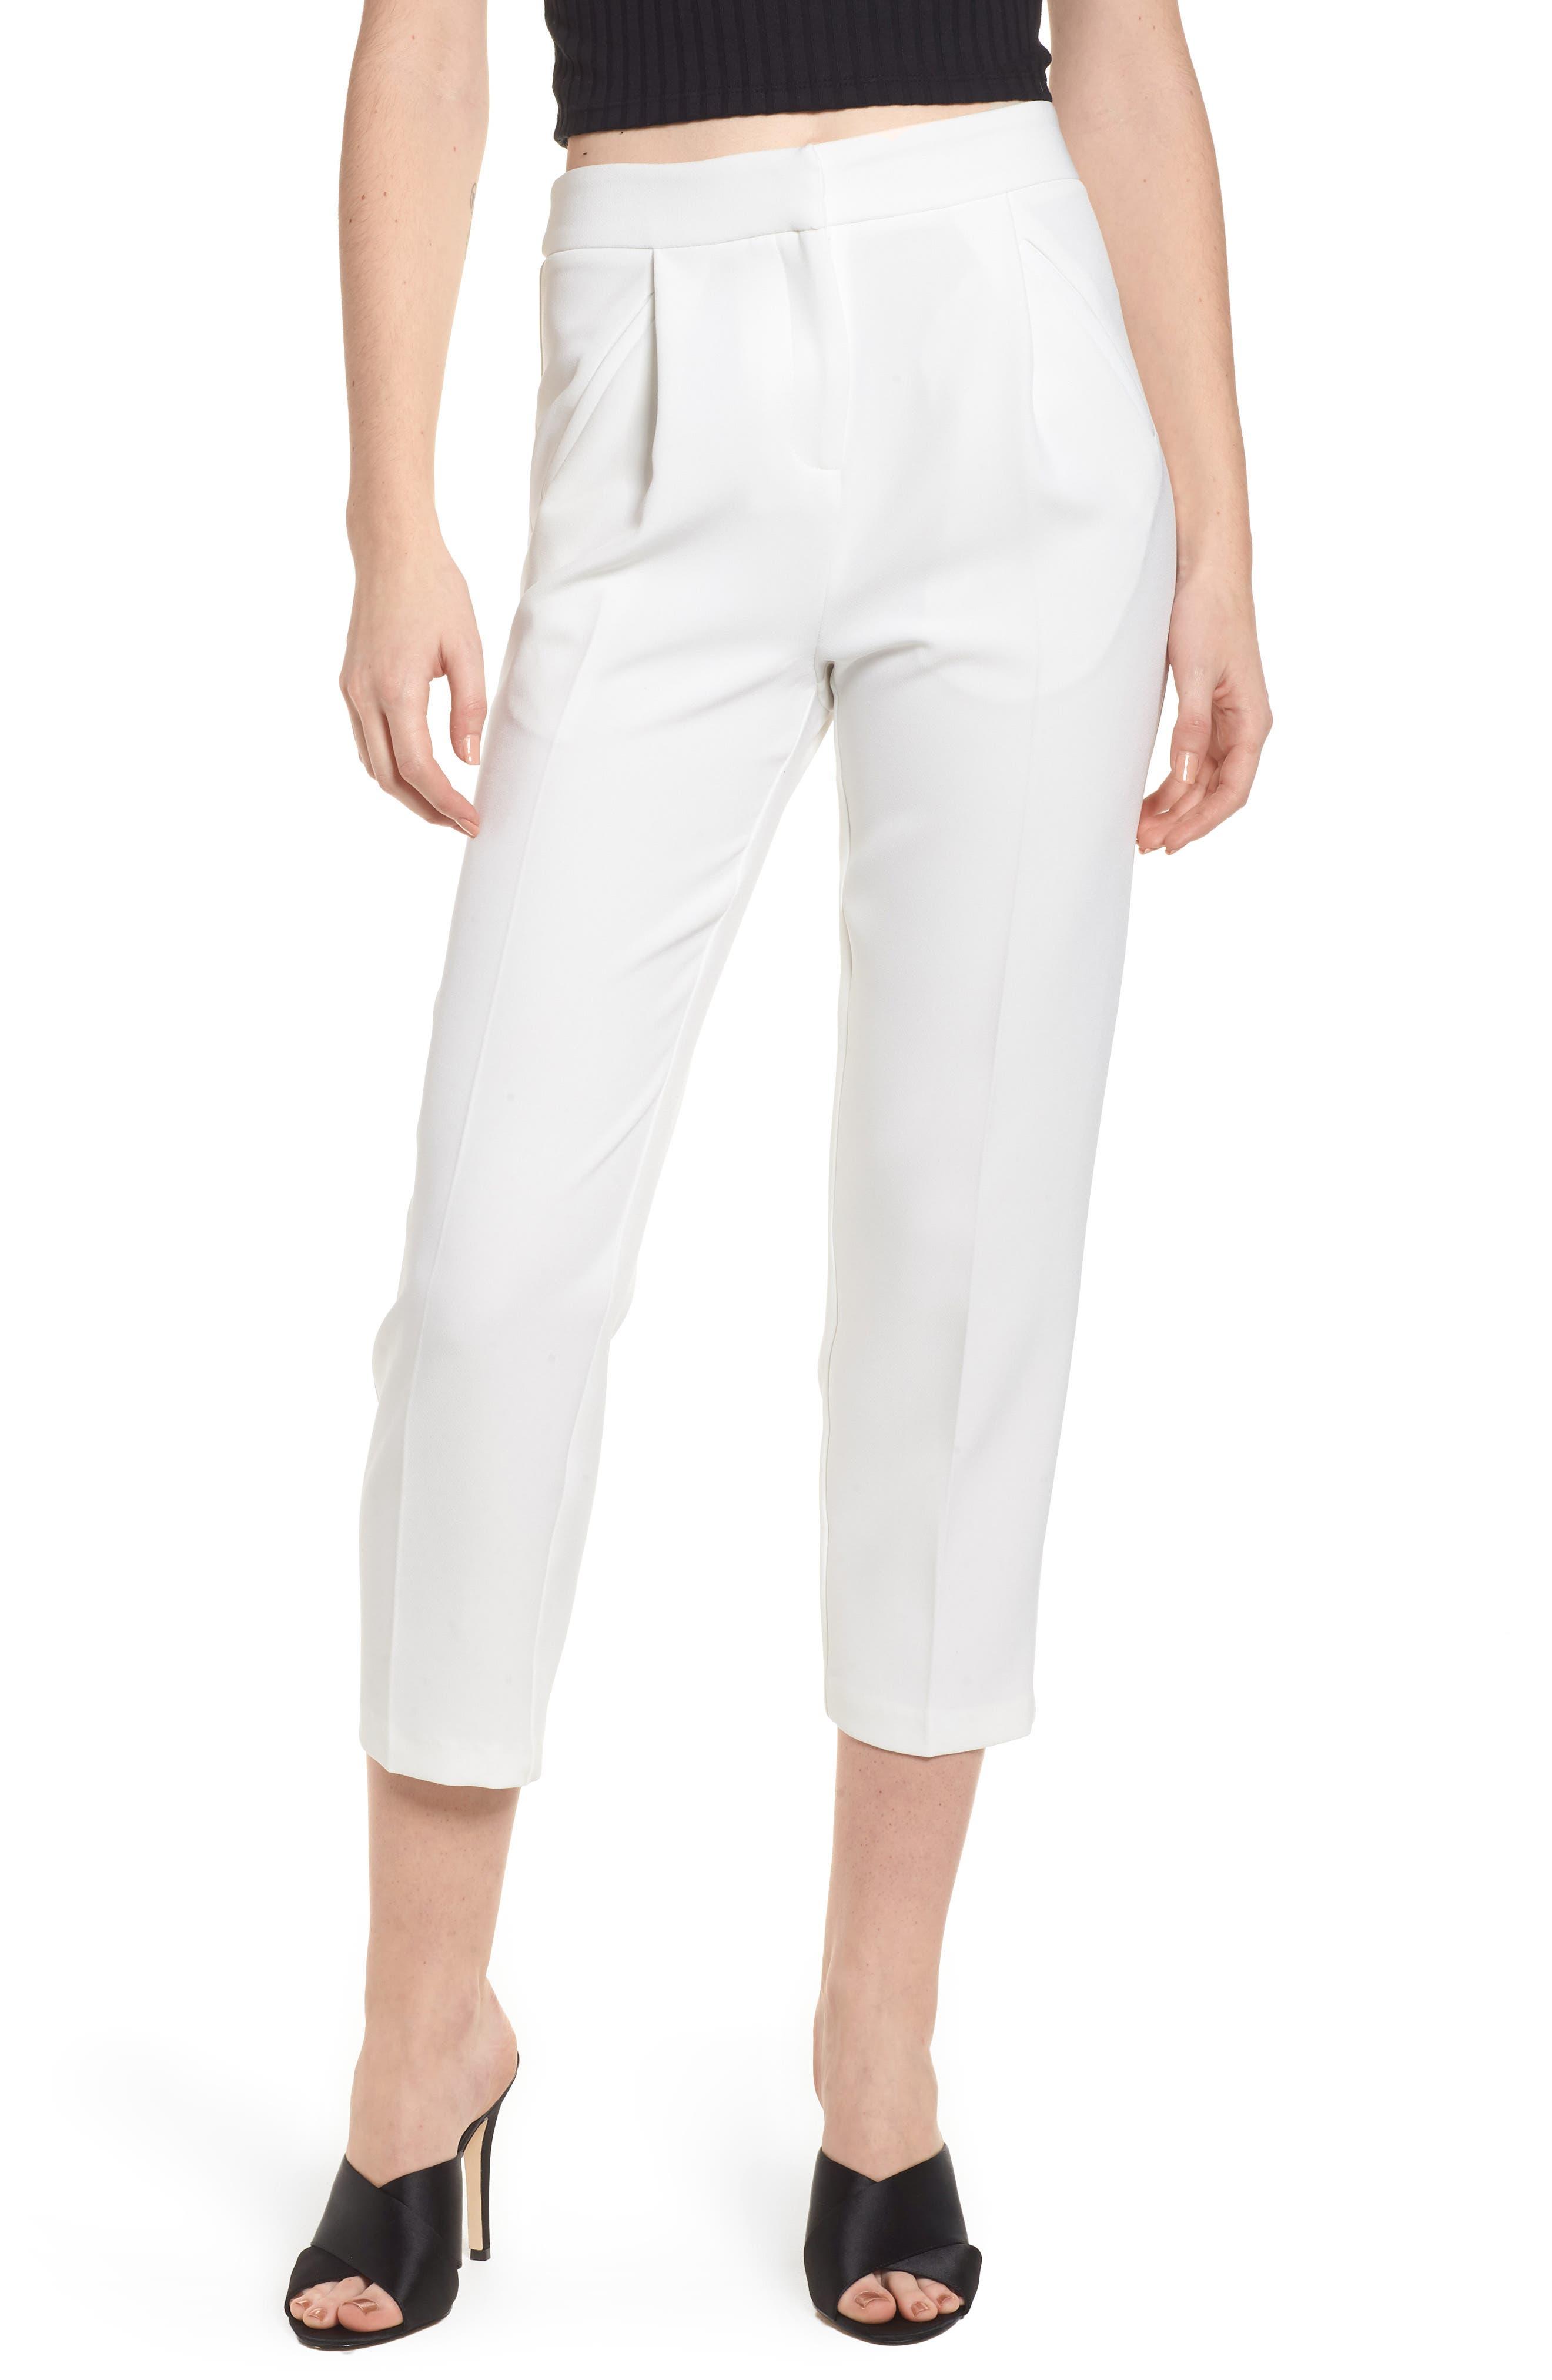 Topshop Clean Pocket Peg Trousers